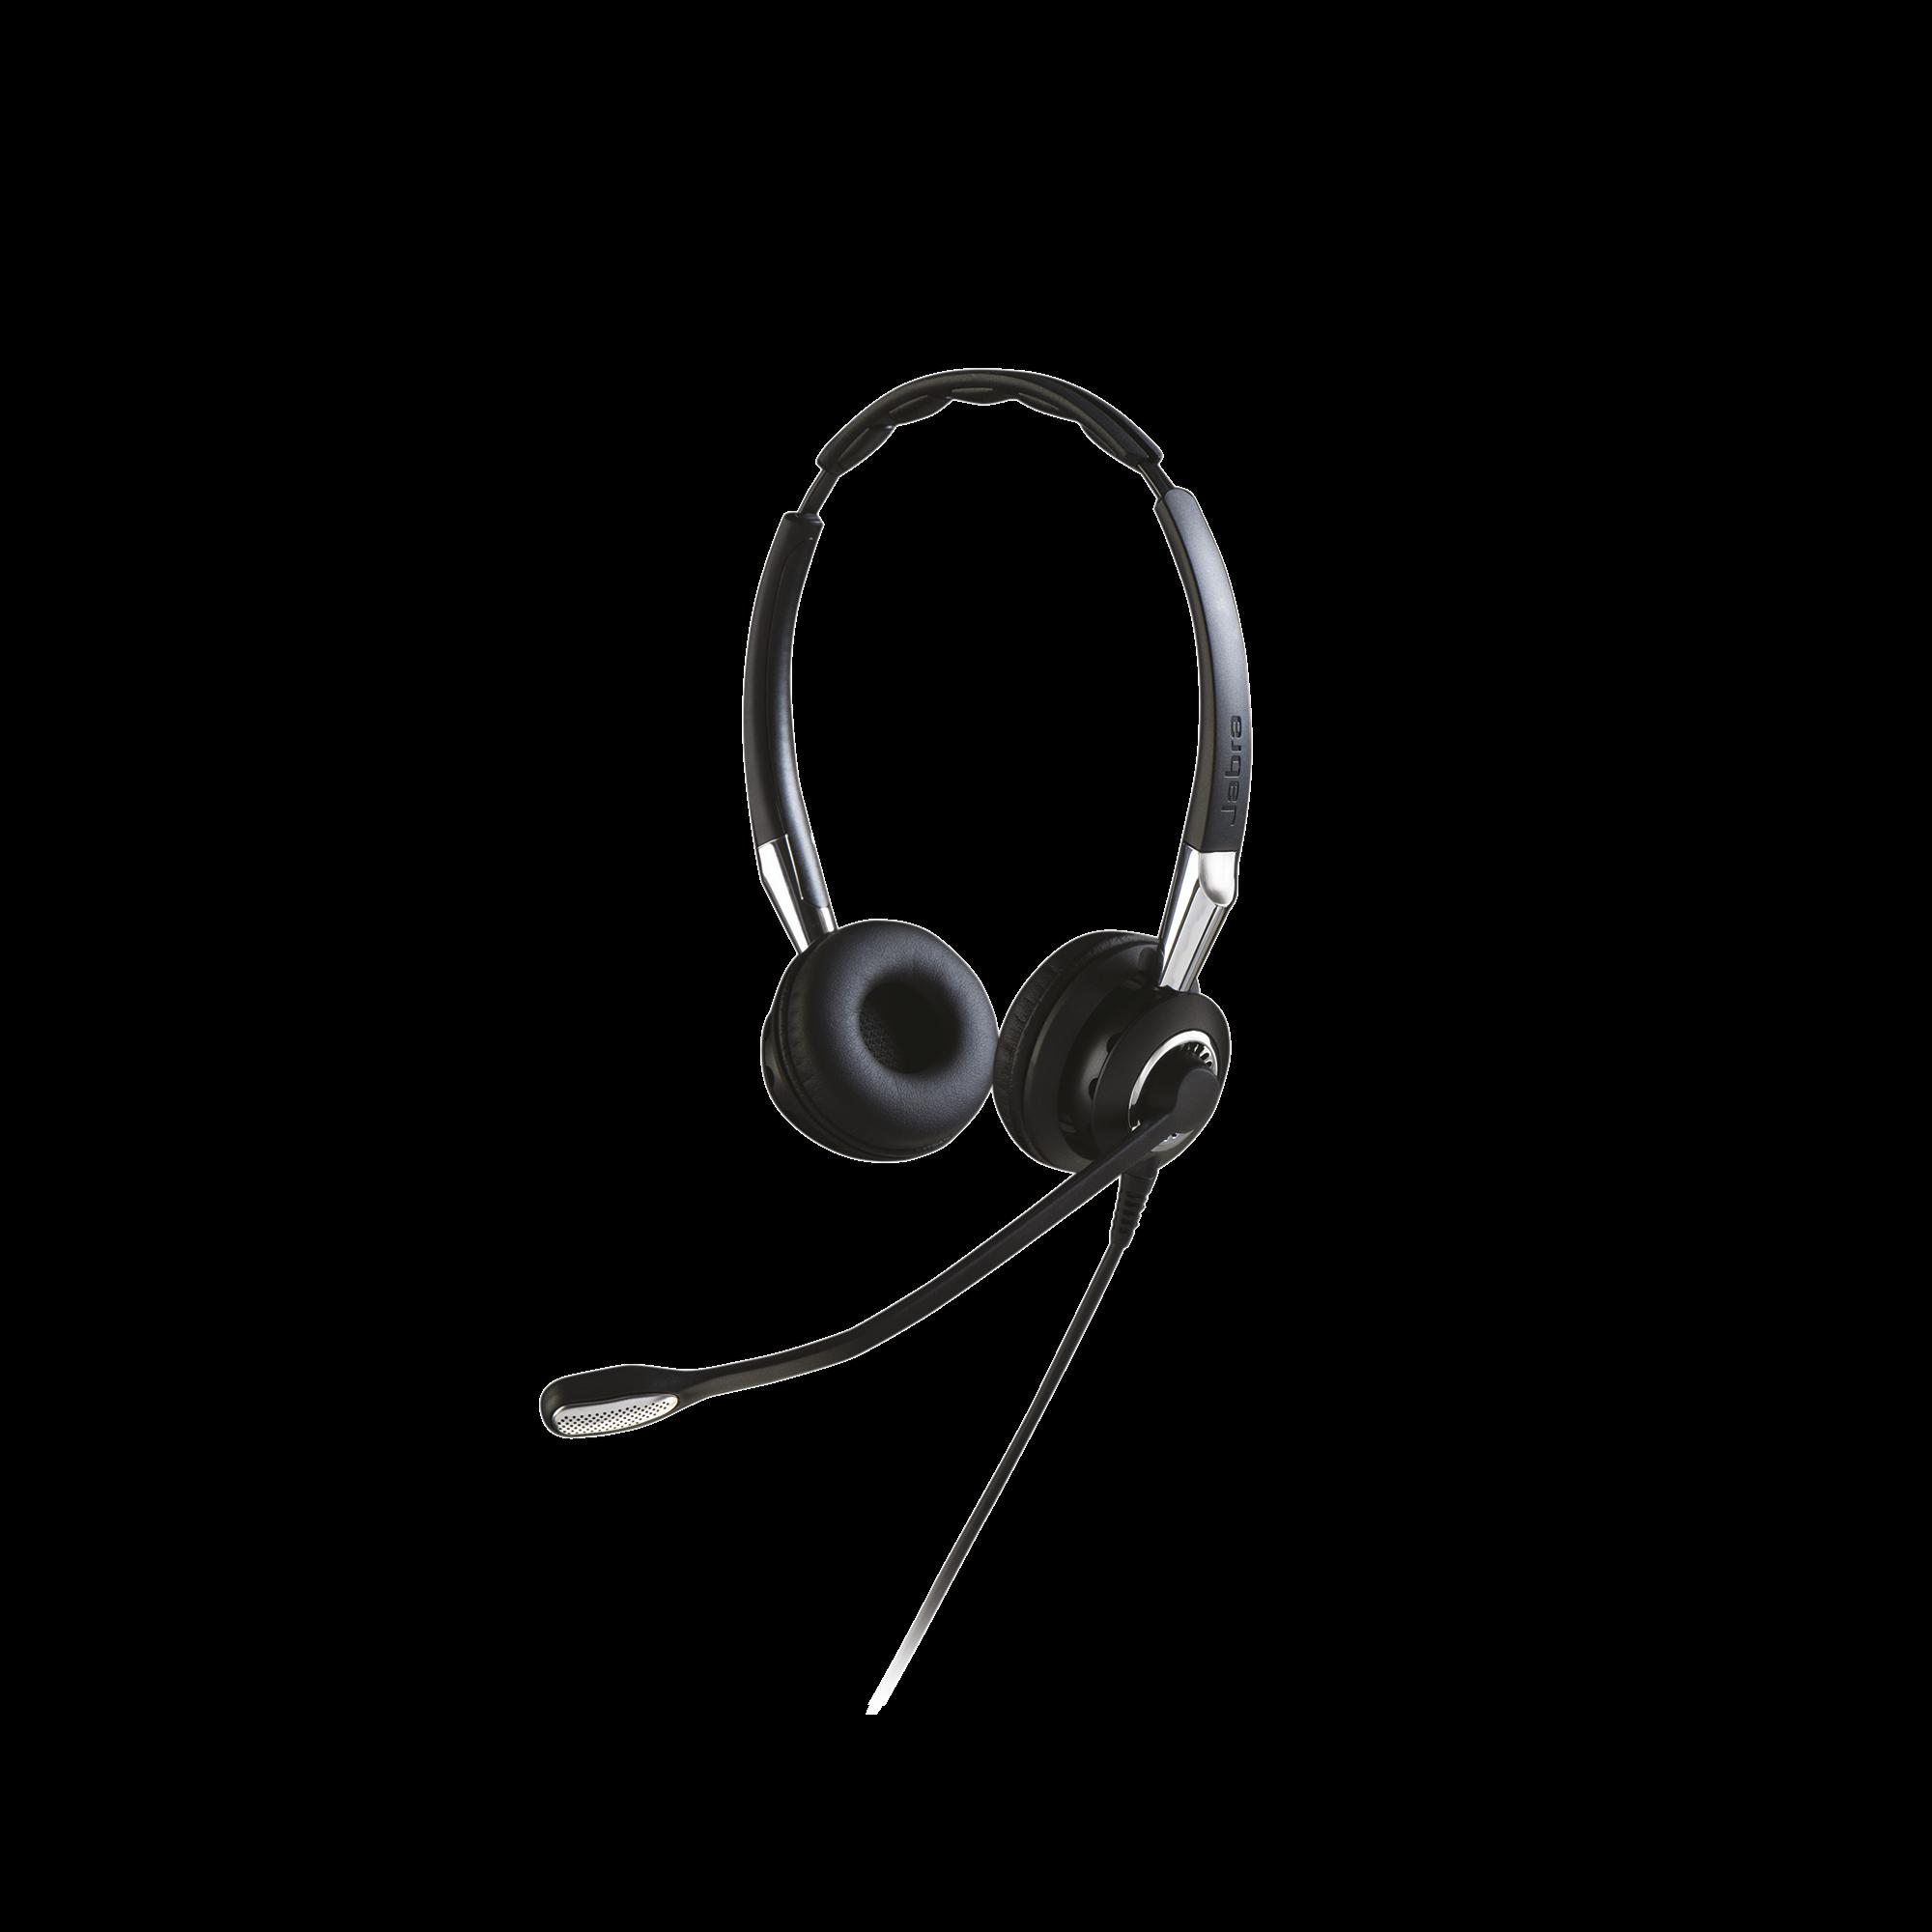 BIZ 2400 Duo auricular de gran rendimiento para contact center con conexion QD (2409-820-205)